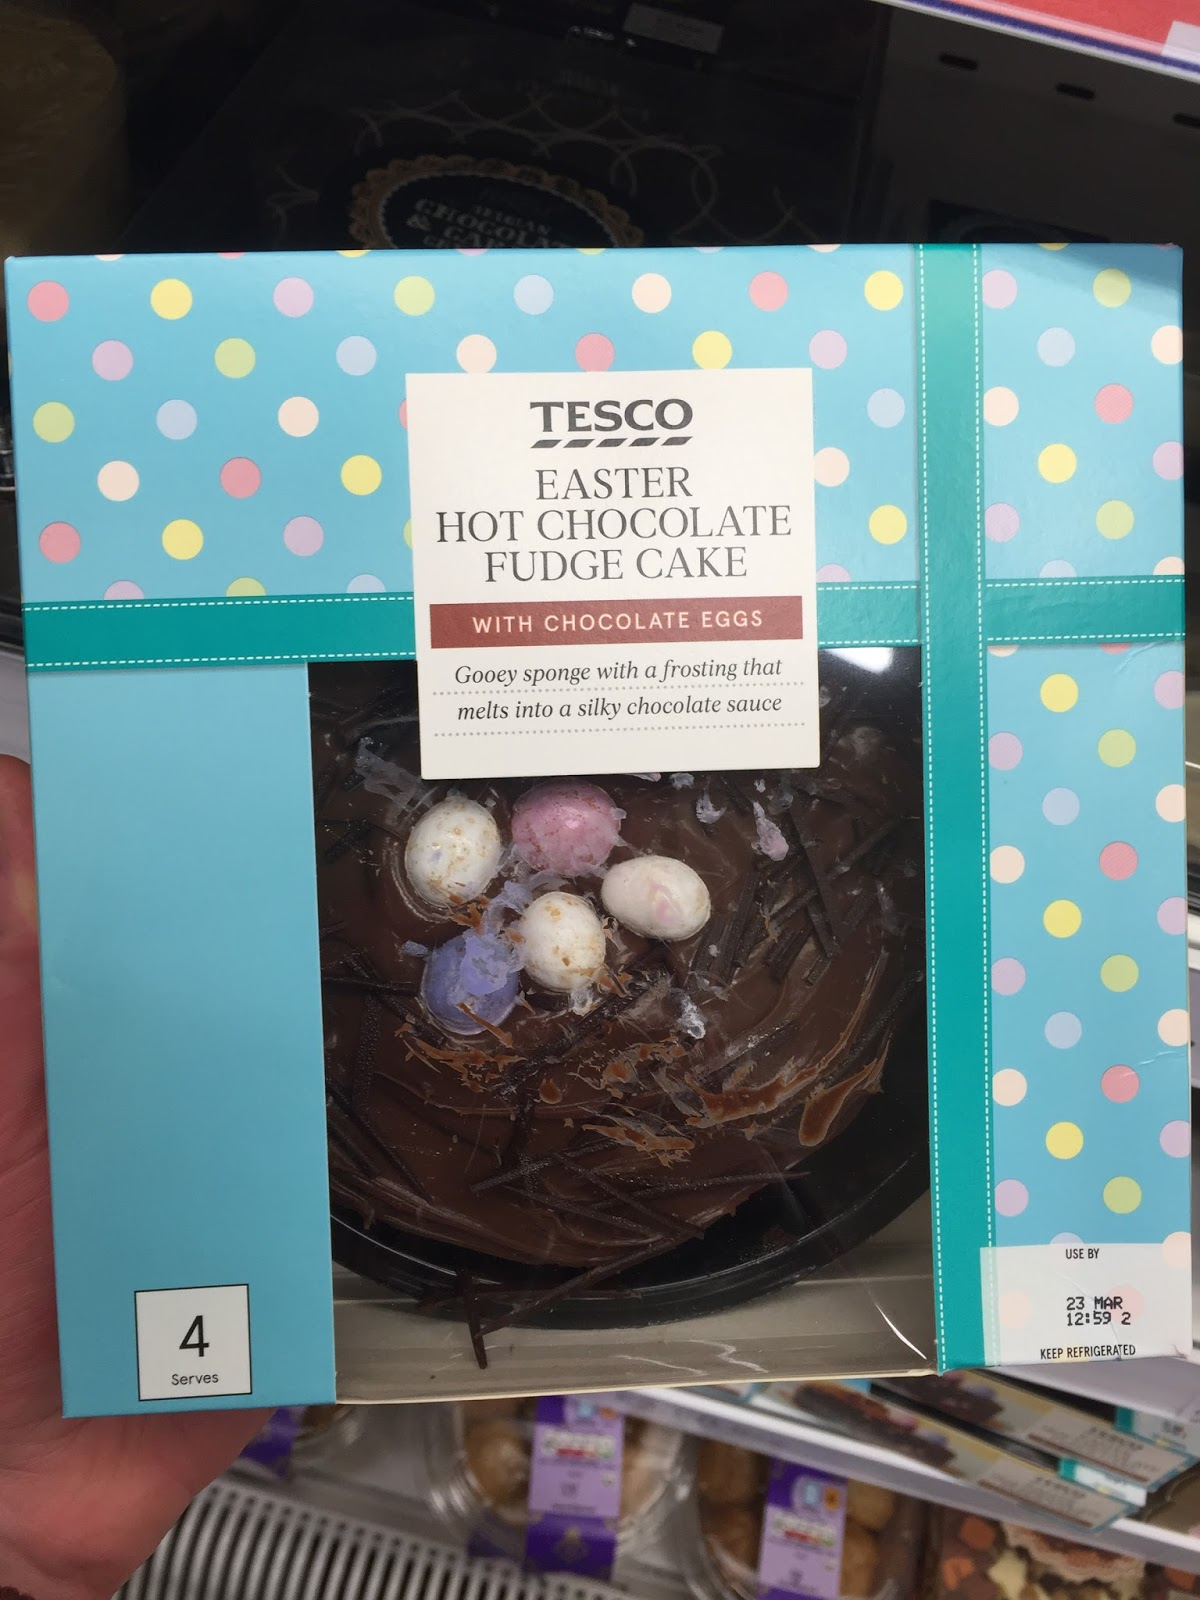 Tesco Hot Chocolate Fudge Cake